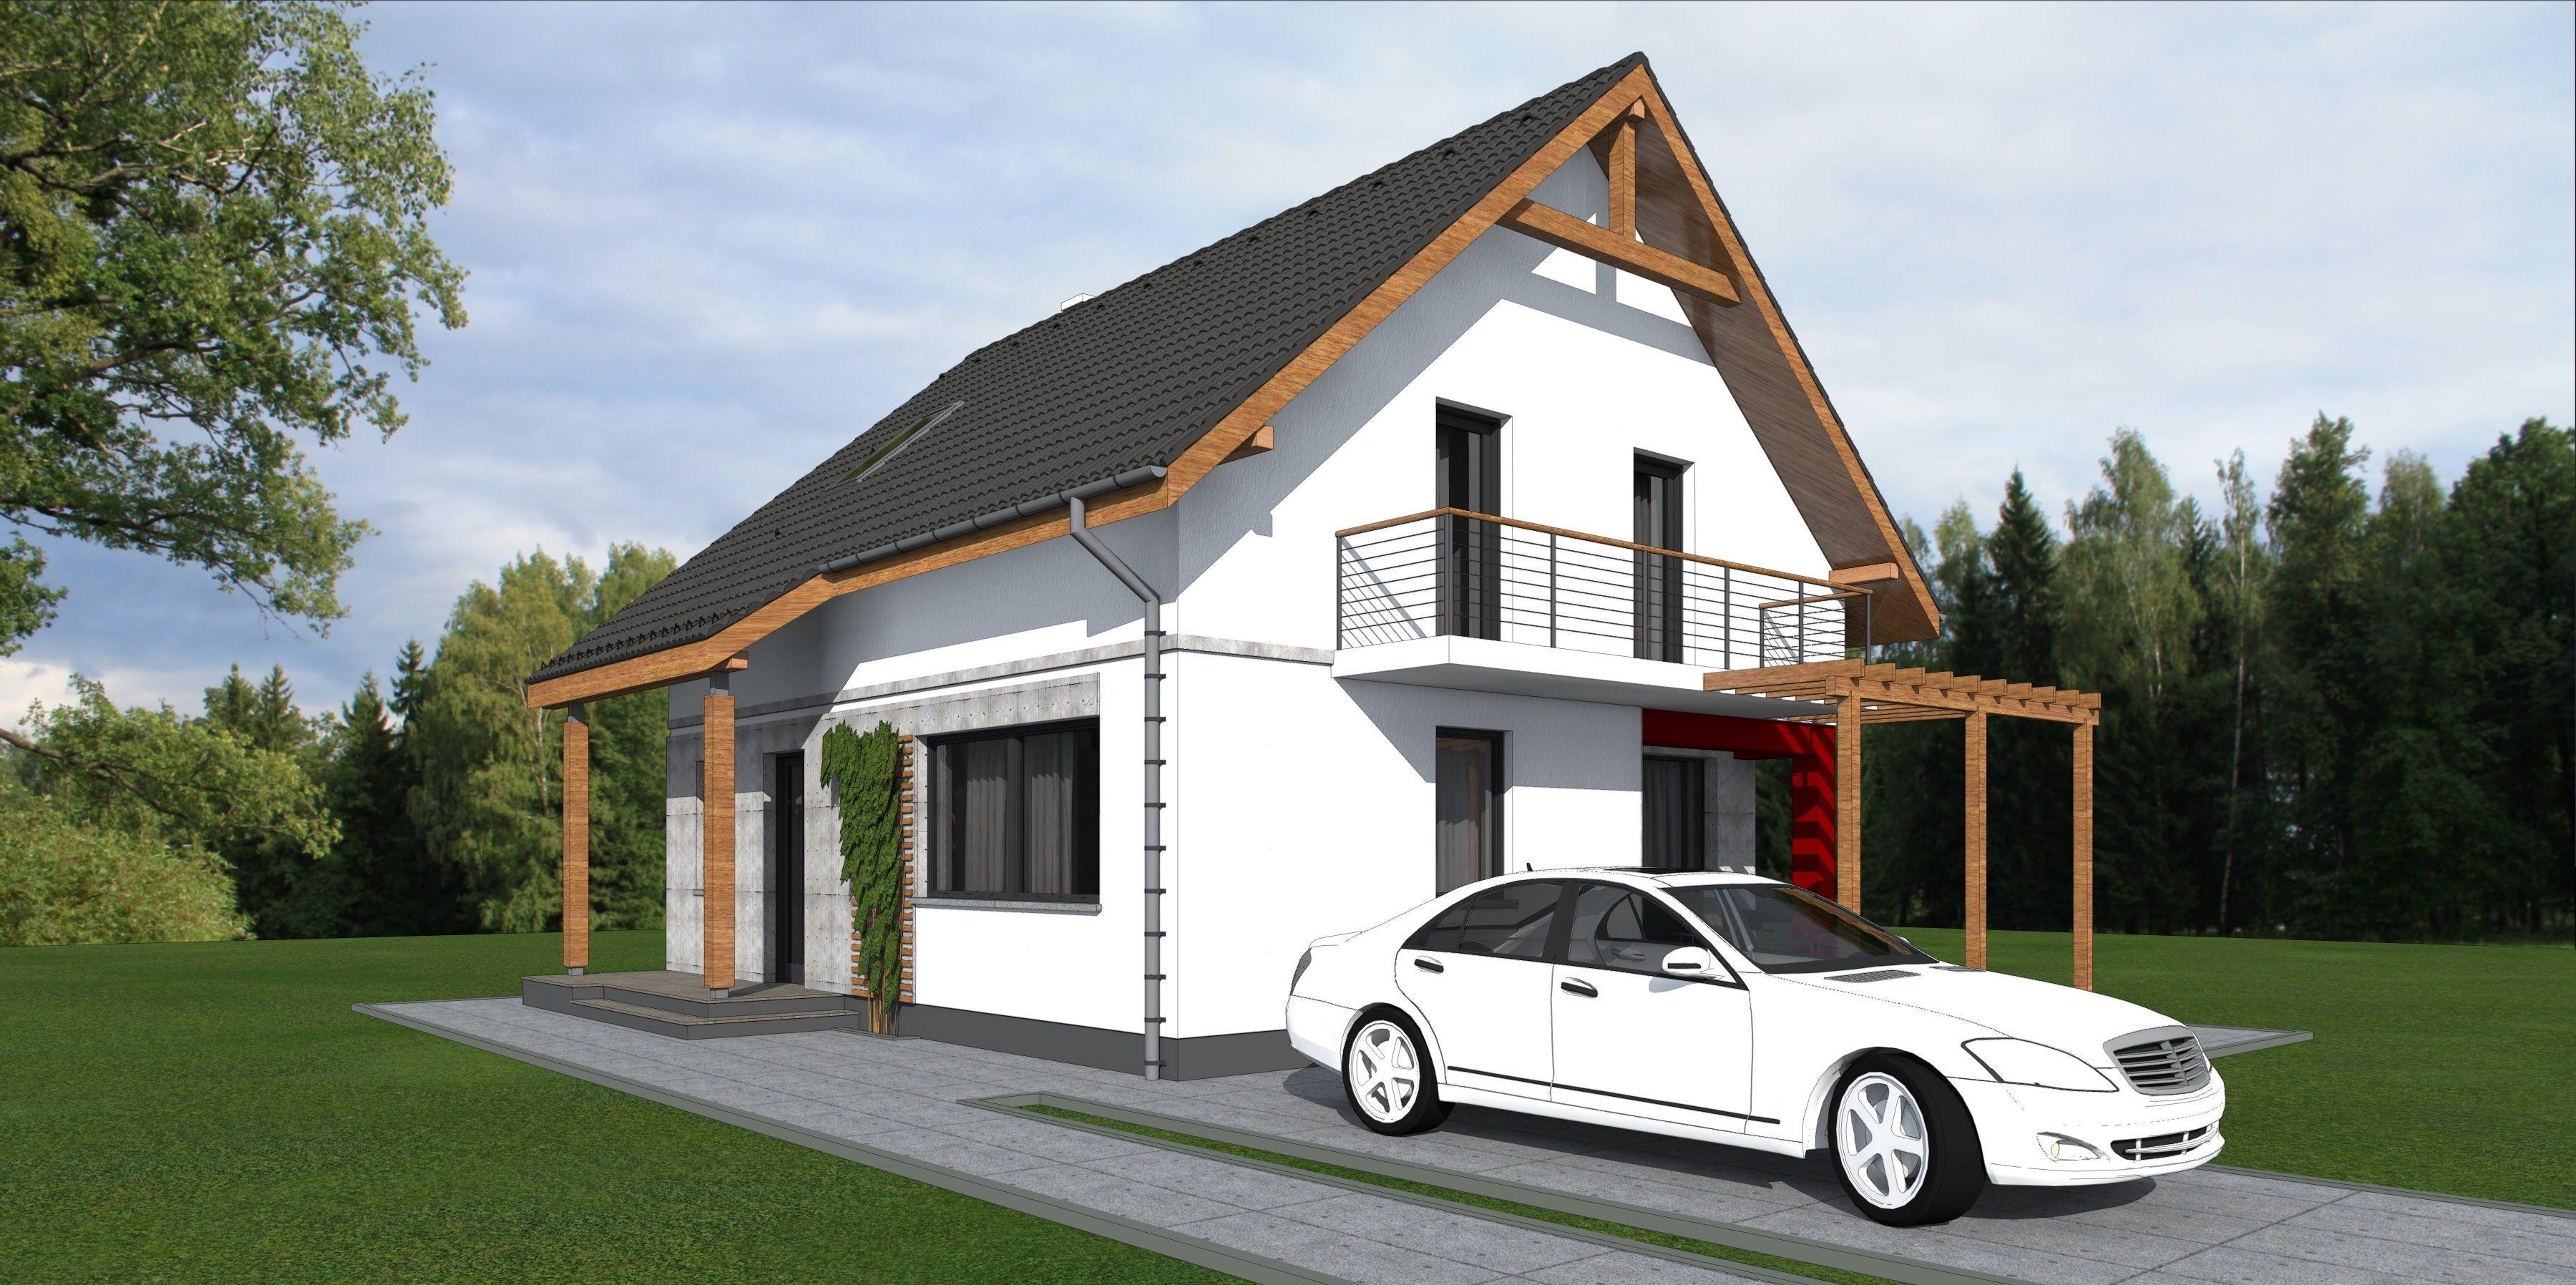 Attic House Design Philippines Attic House Design Philippines .